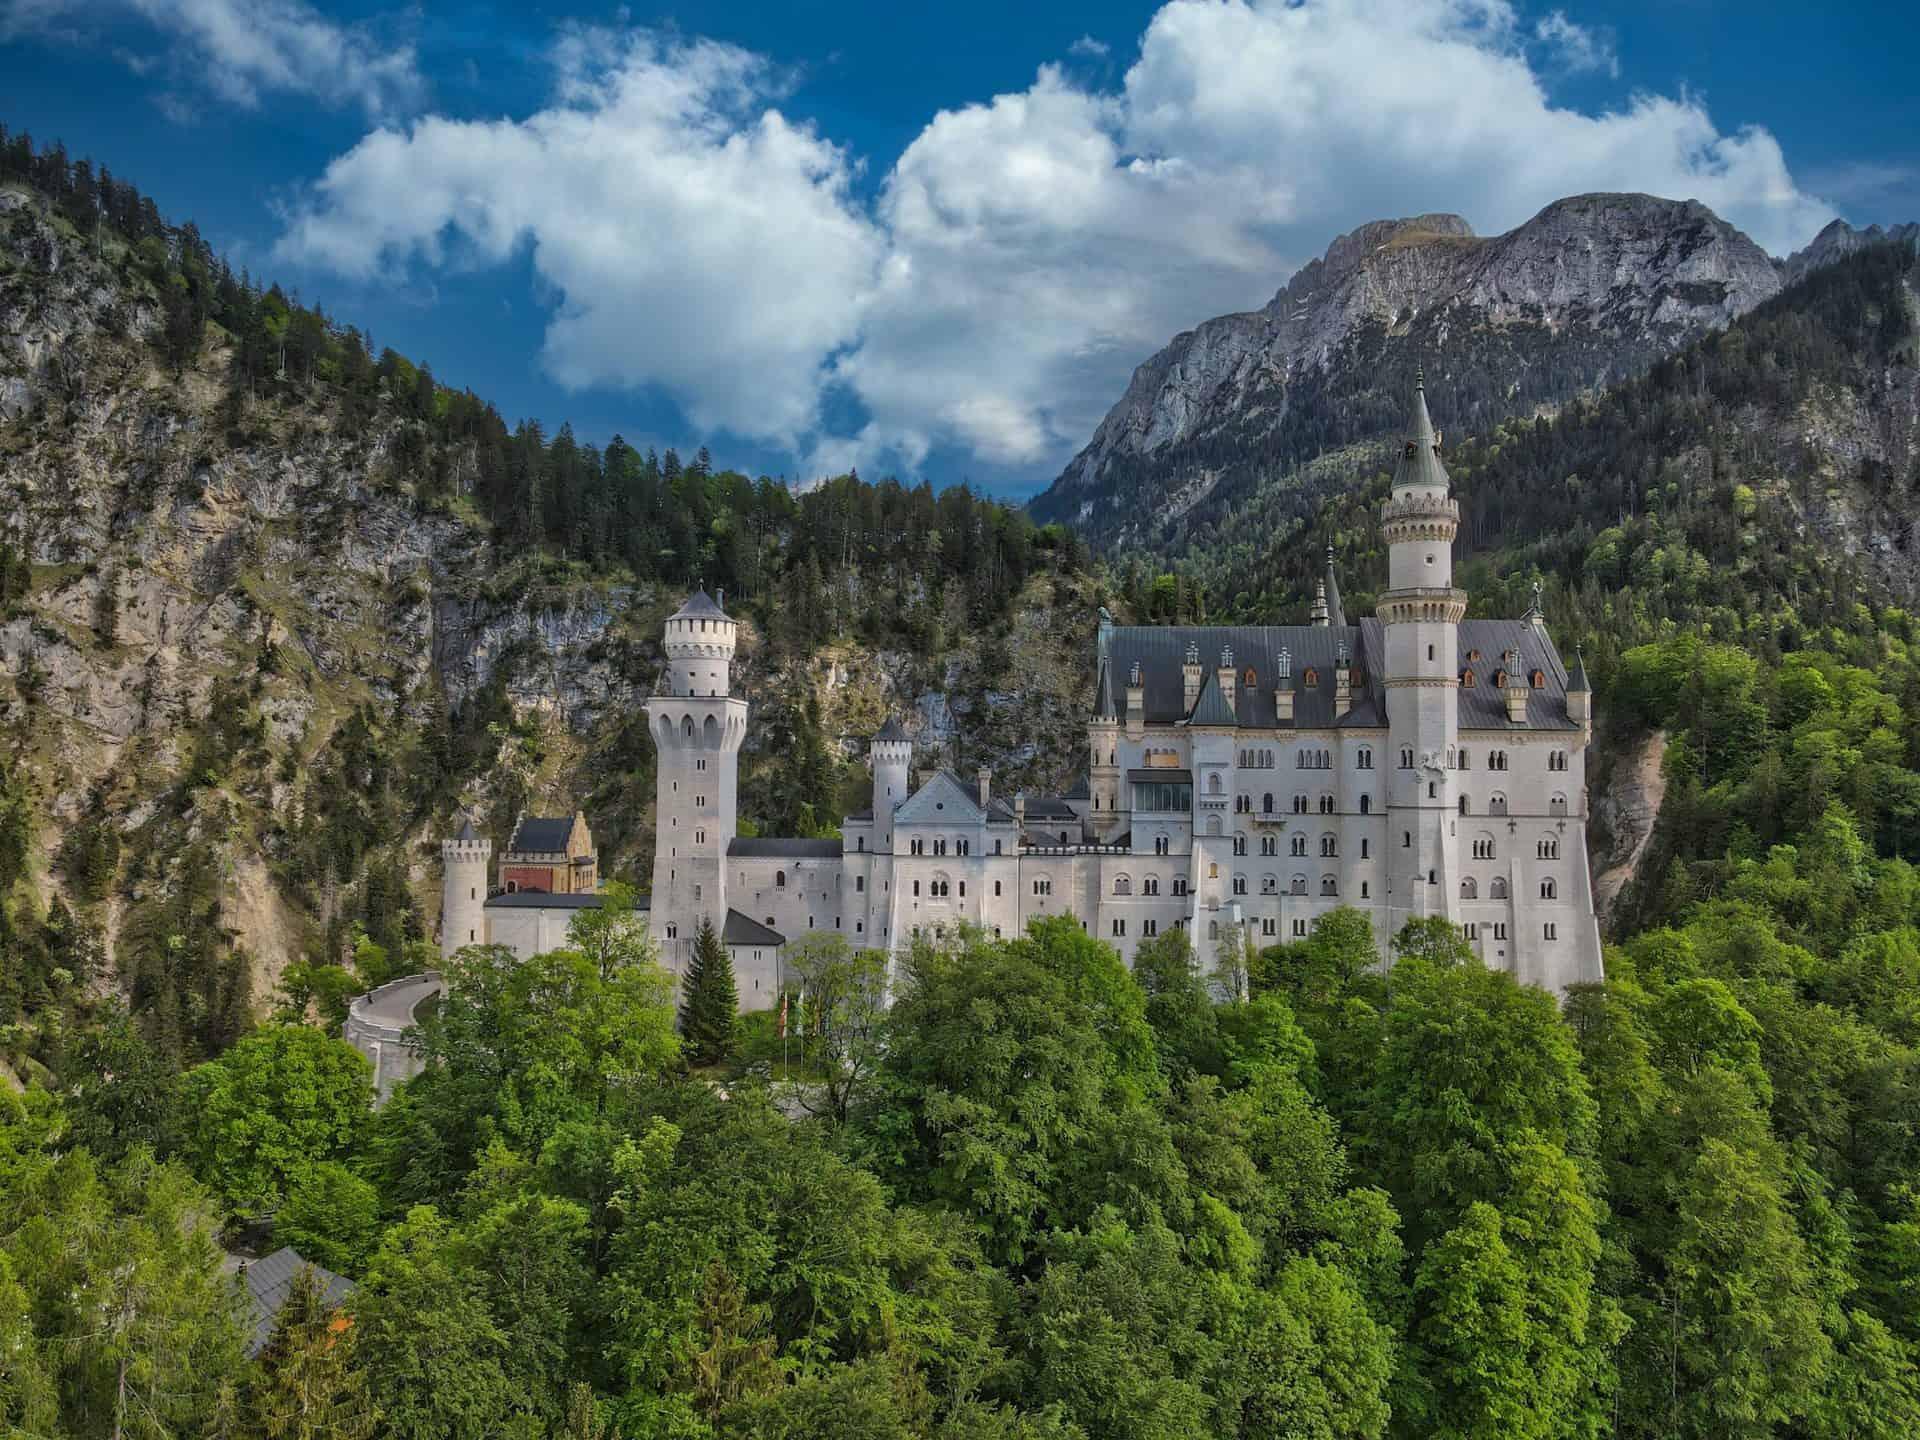 Schloss_Neuschwanstein_Fly